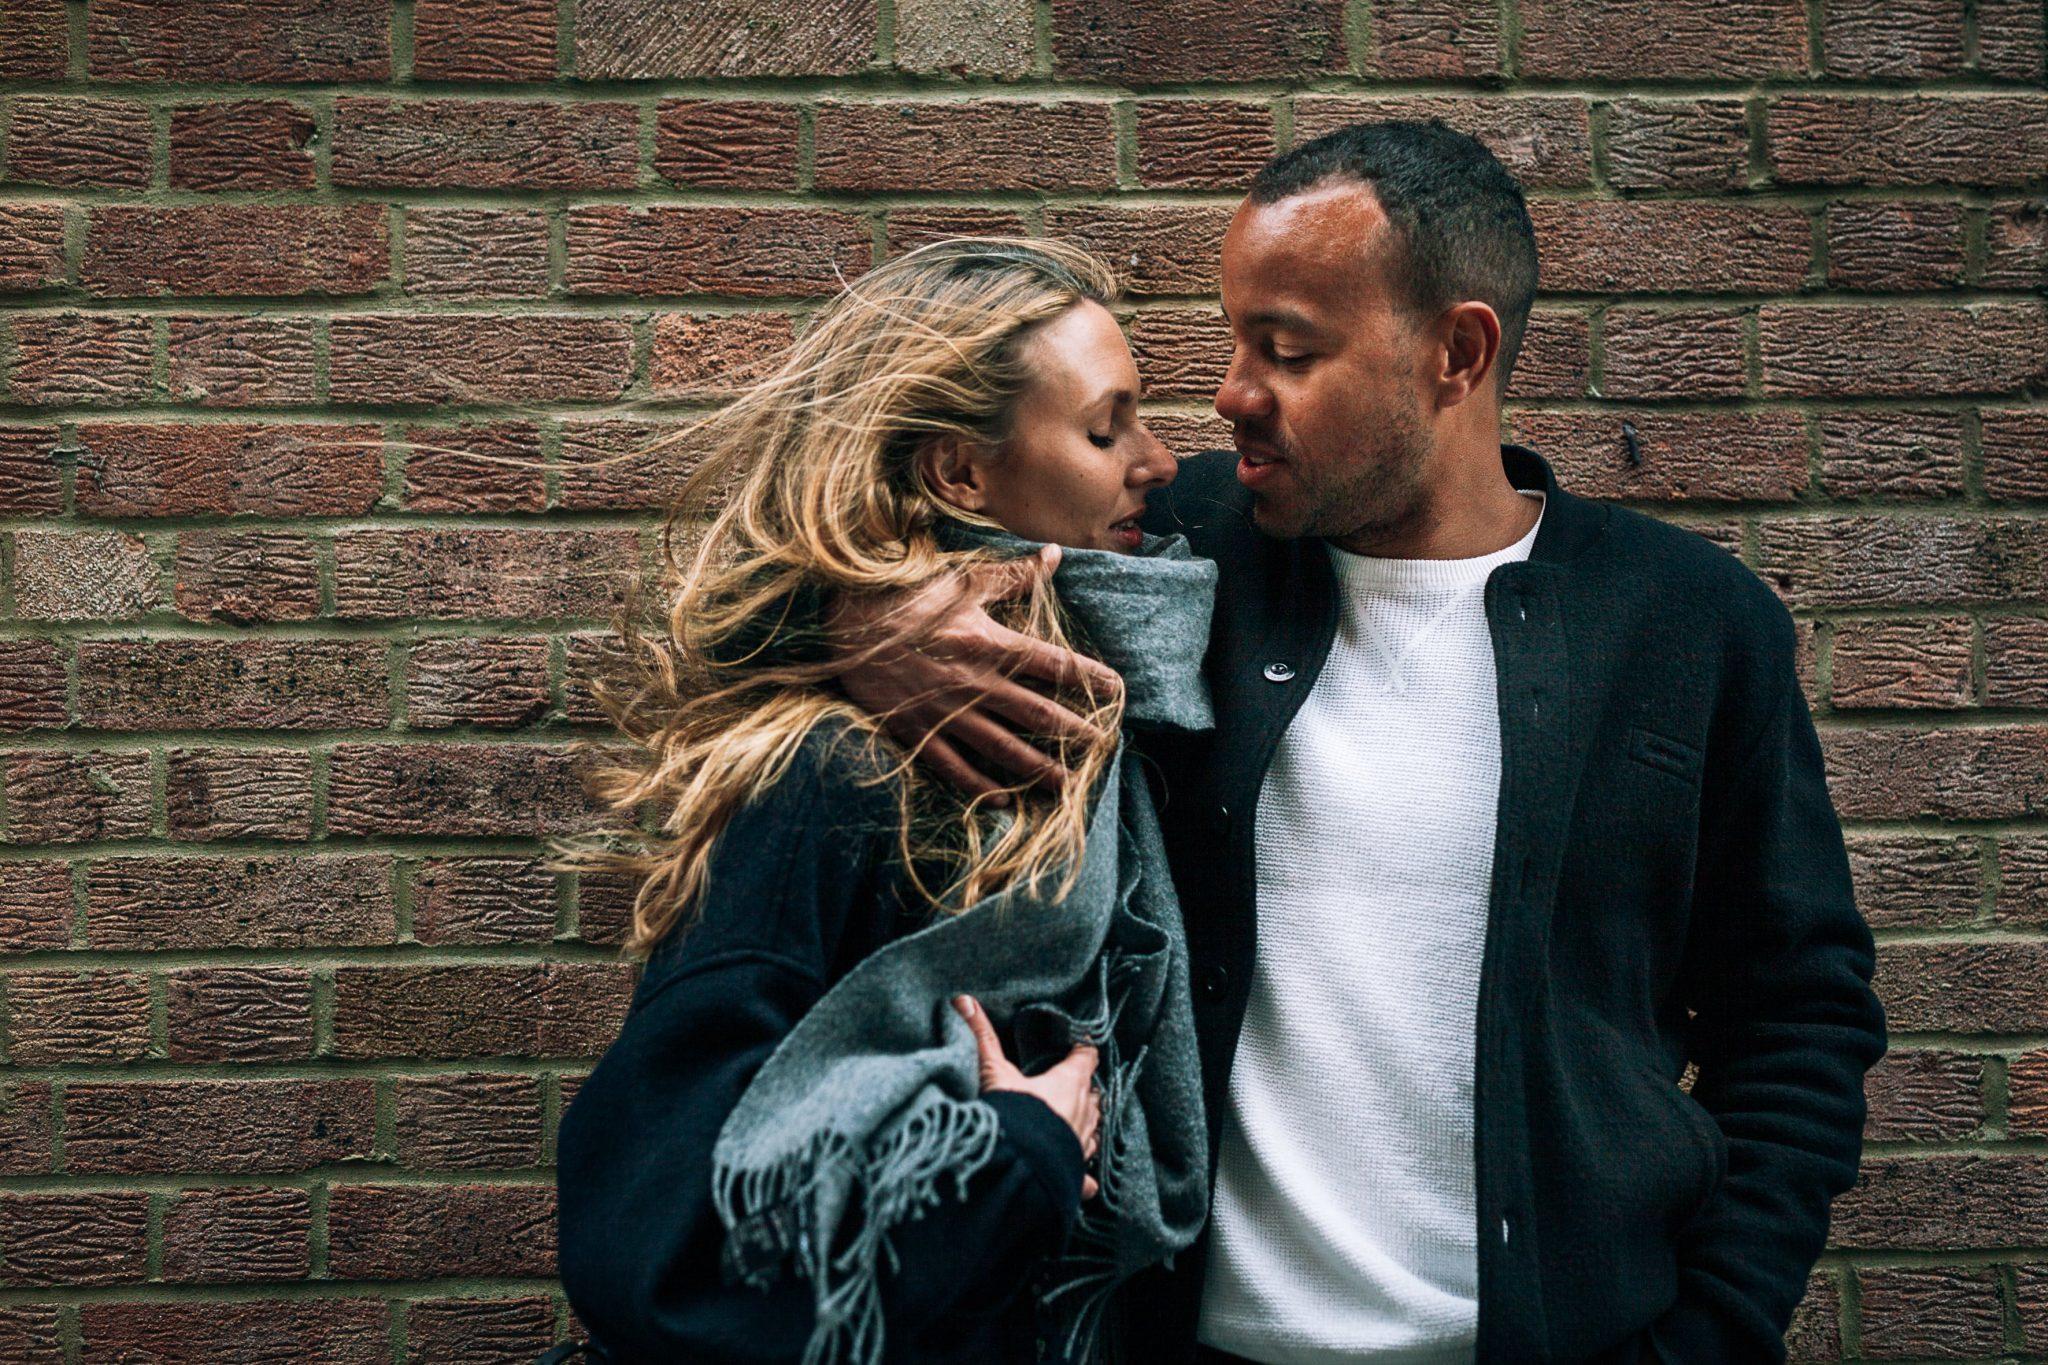 il fidanzato copre con un braccio la fidanzata dal freddo vento i londra